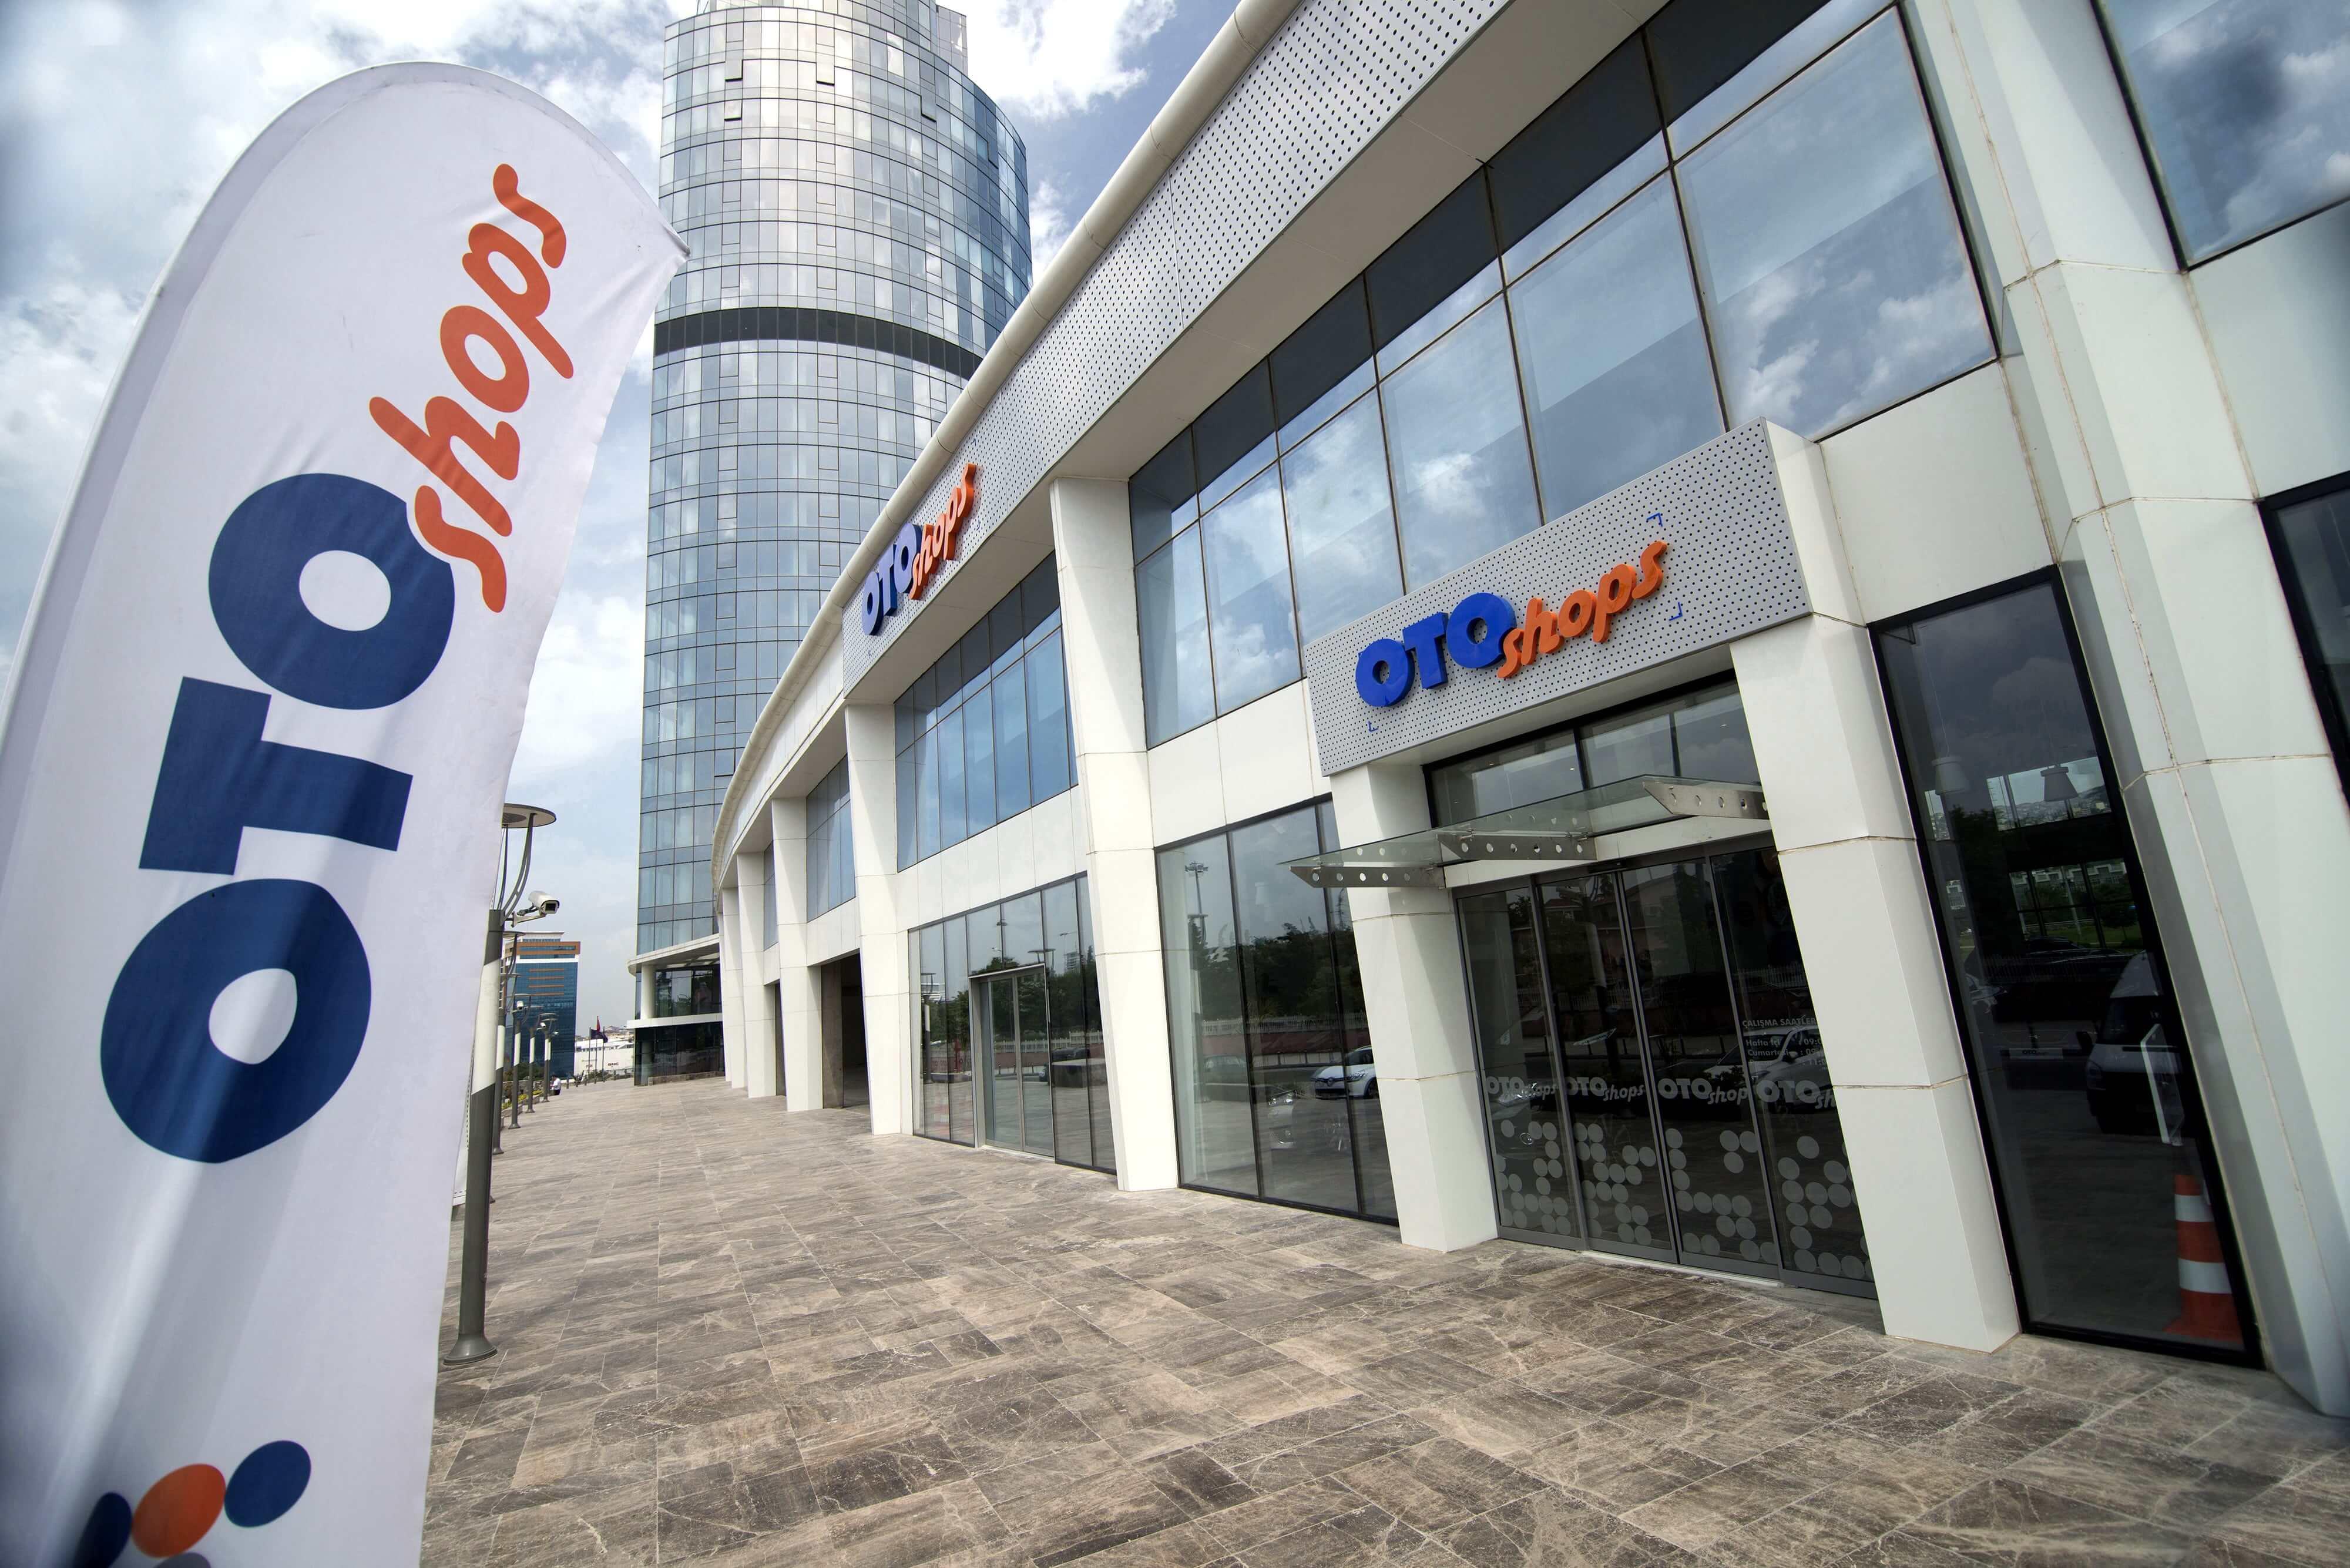 عبد اللطيف جميل تطرح علامتها التجارية الجديدة للسيارات المستعملة «Otoshops» في تركيا